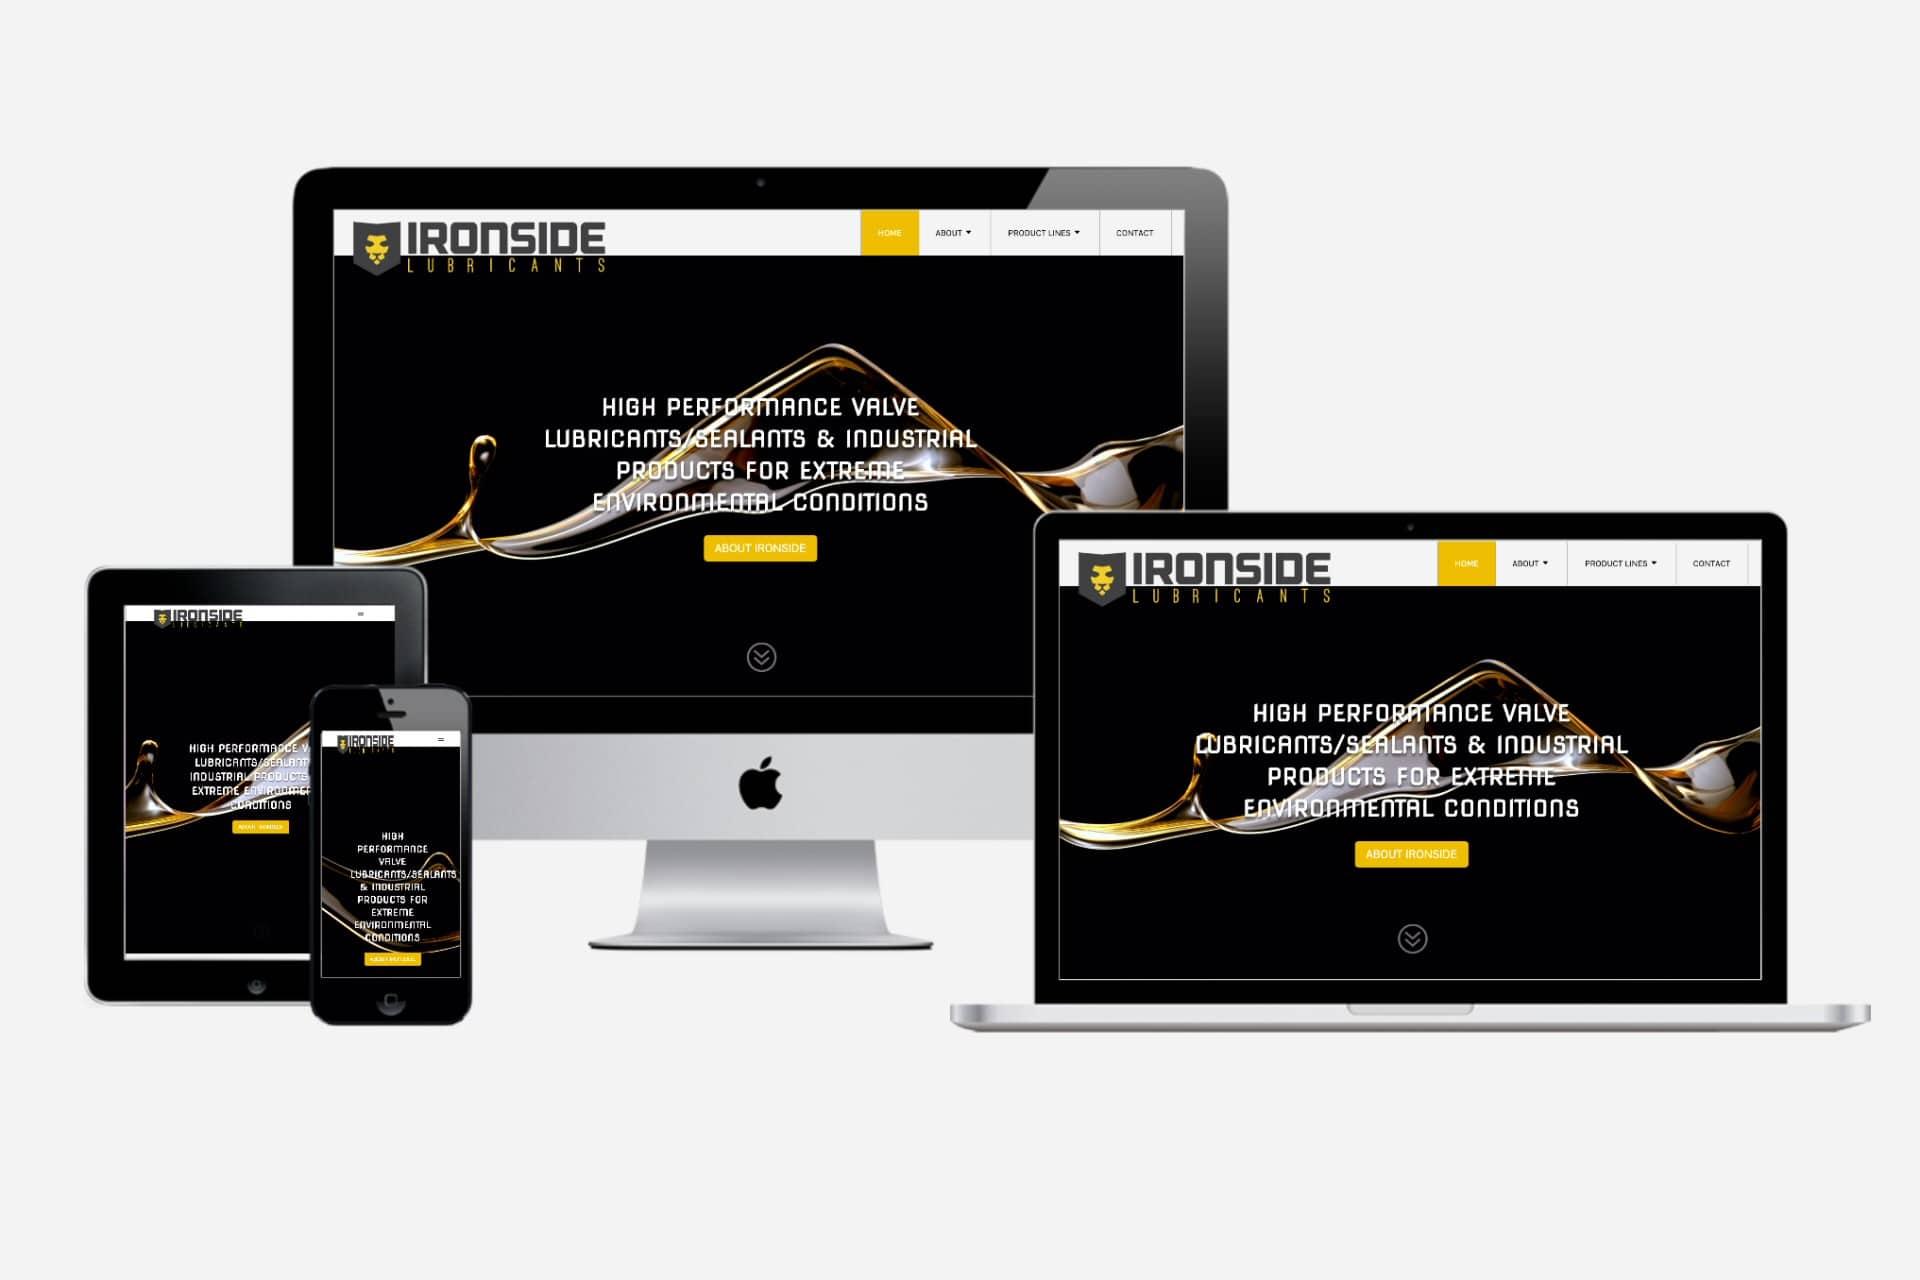 Ironside Lubricants New 2020 Responsive Website Design